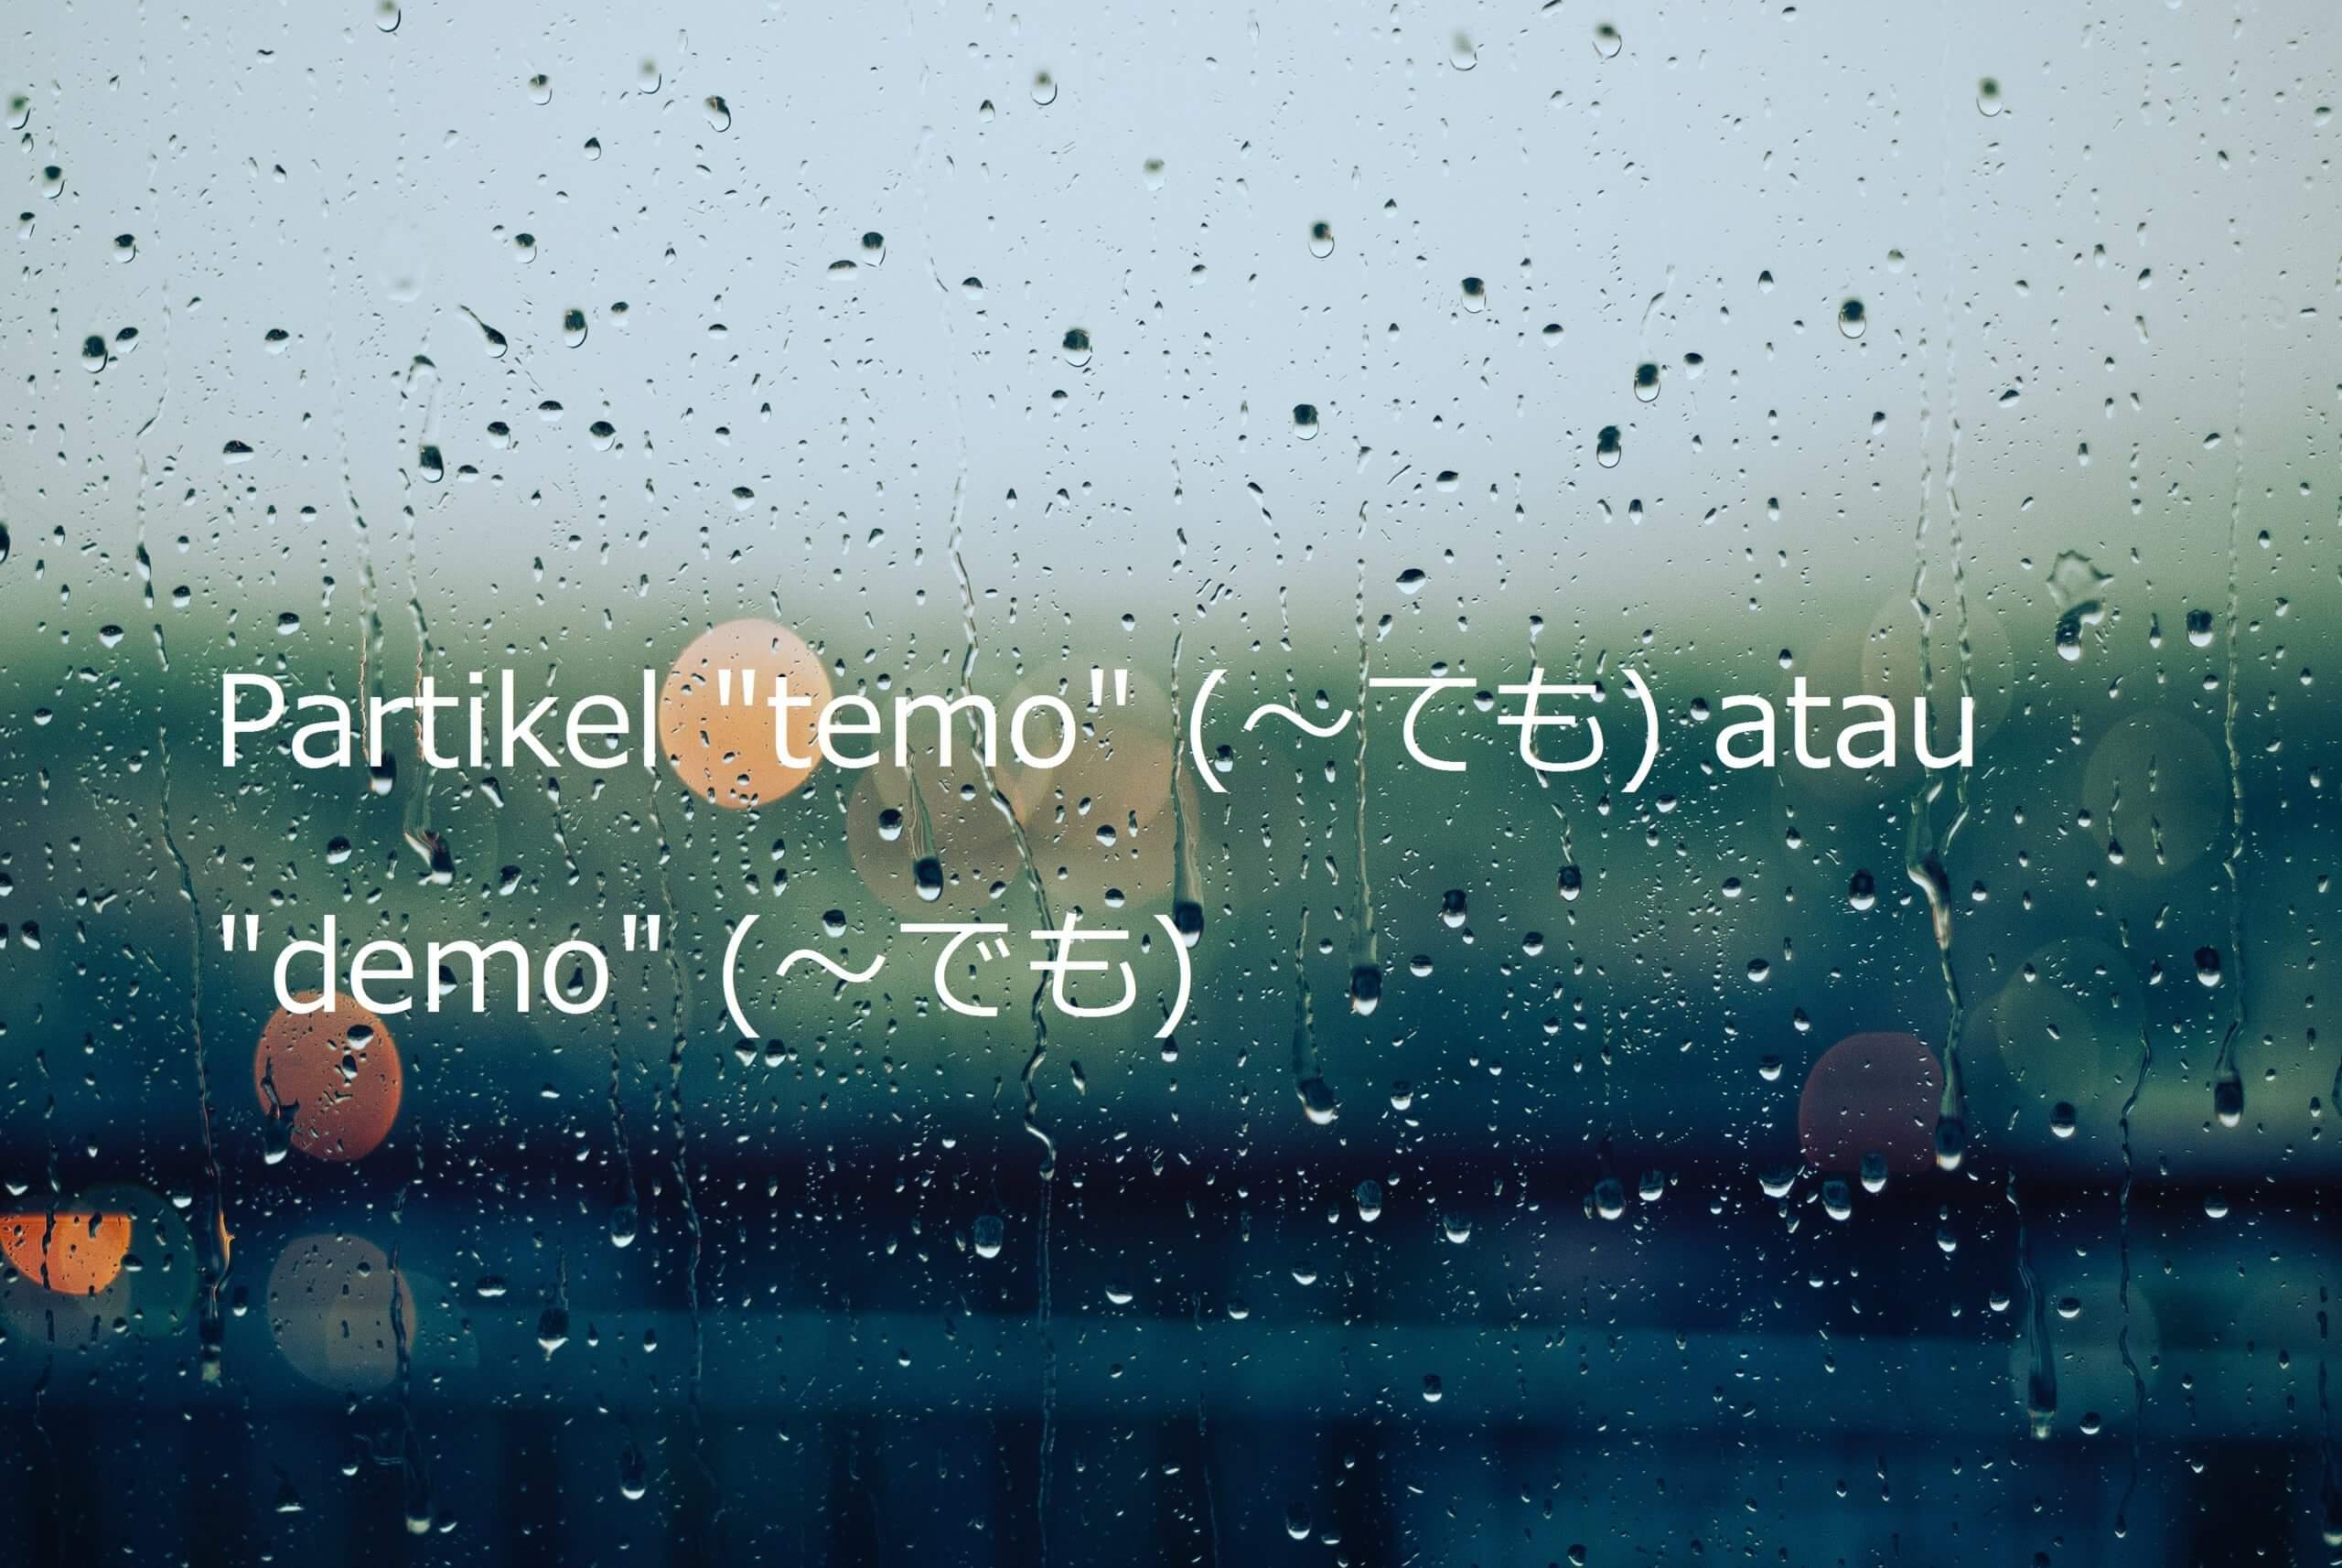 """Partikel """"temo"""" atau """"demo"""" – Belajar Bahasa Jepang"""